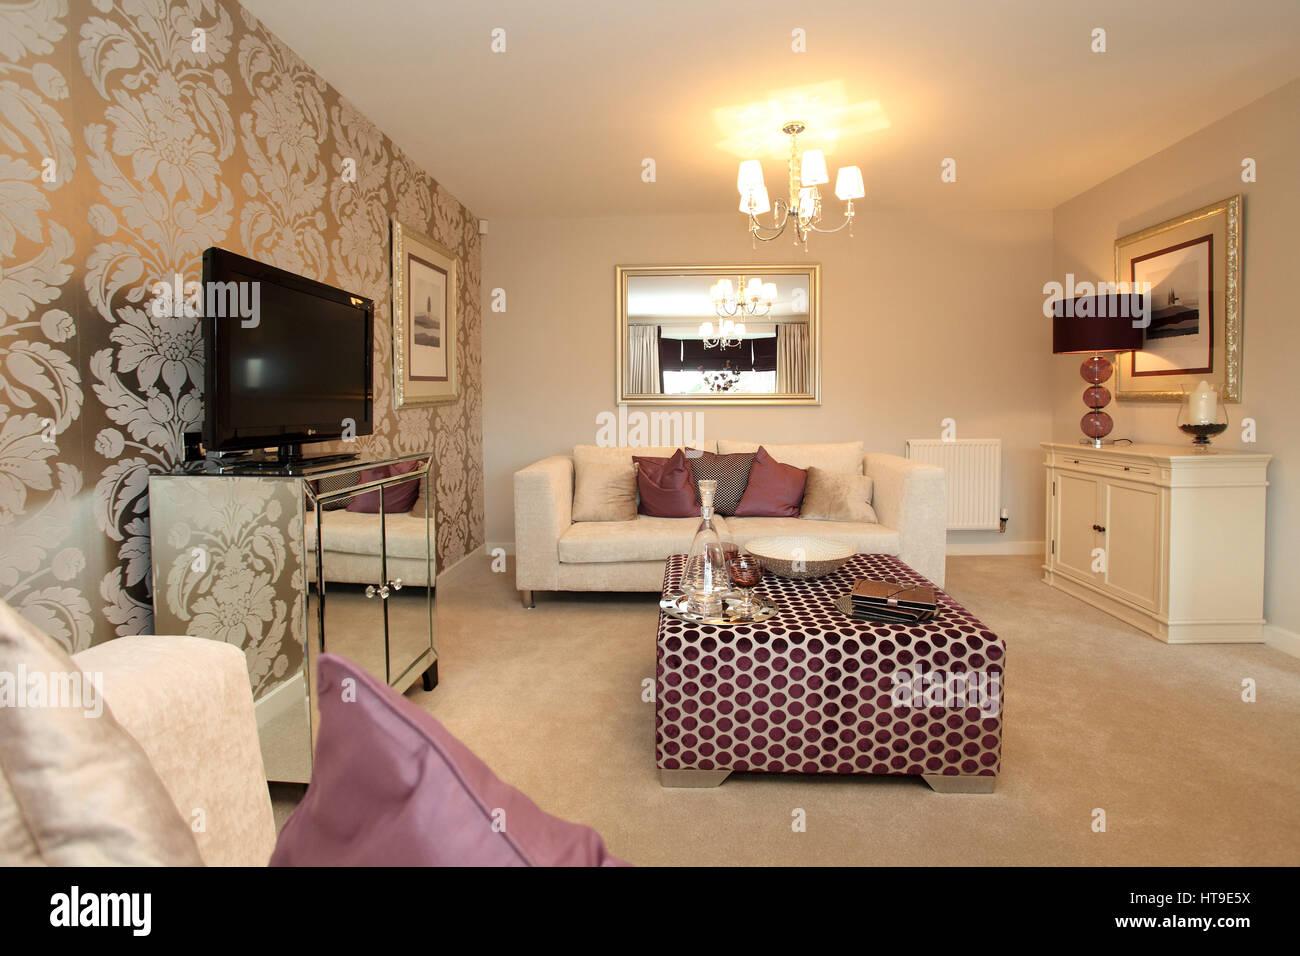 Home interni. Soggiorno, salotto, decorate in rosa e in ...